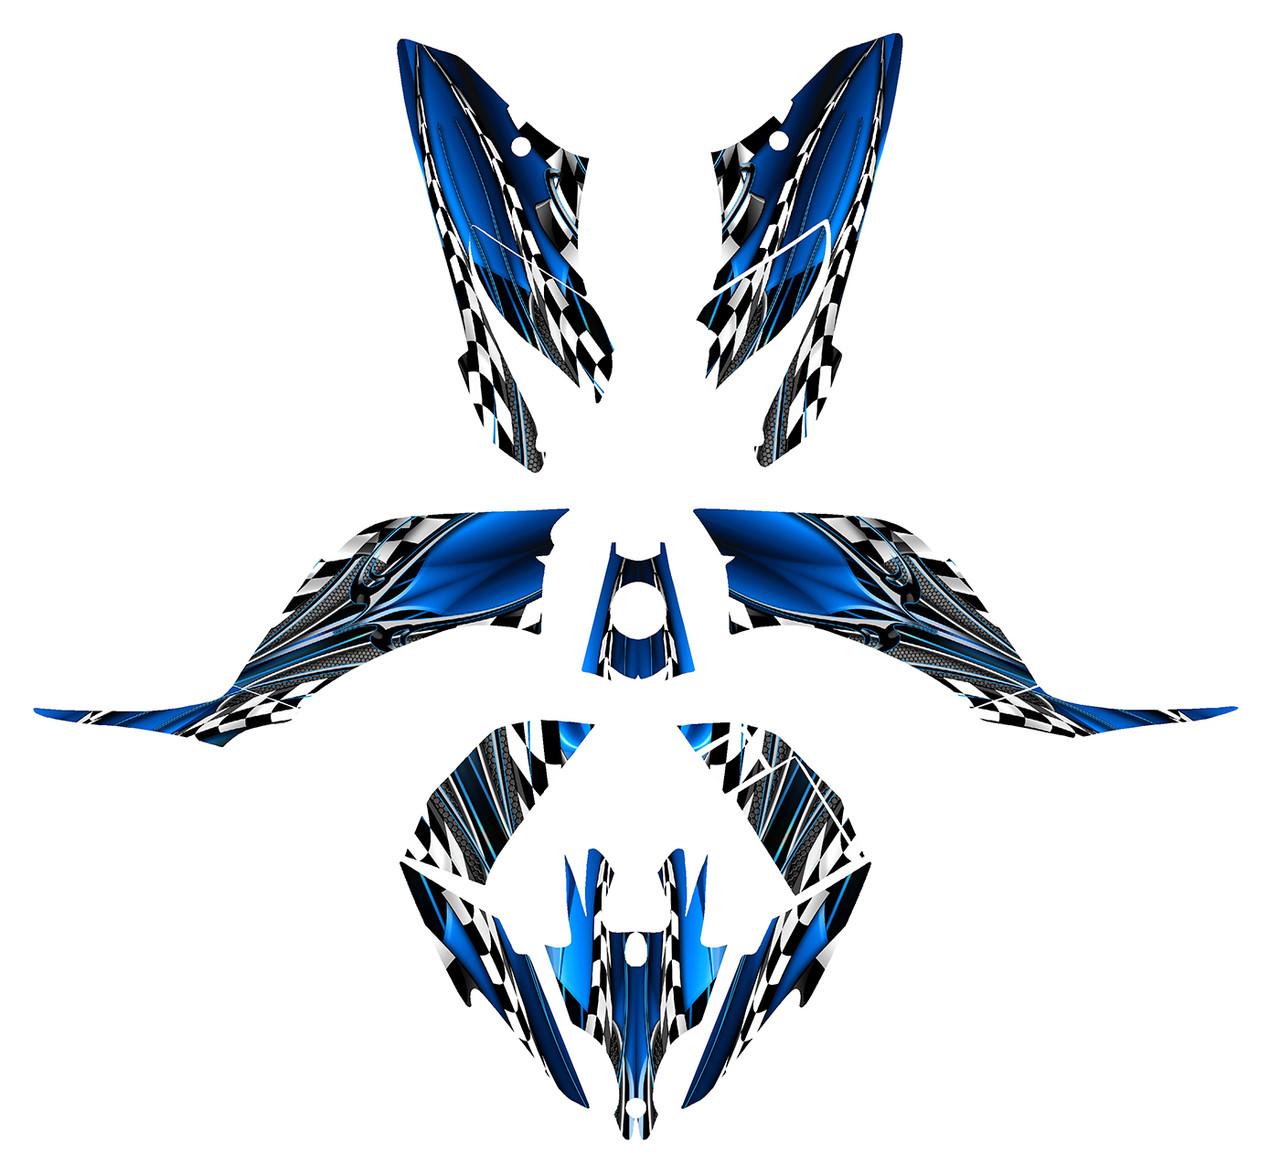 Raptor 250r graphics decal kit